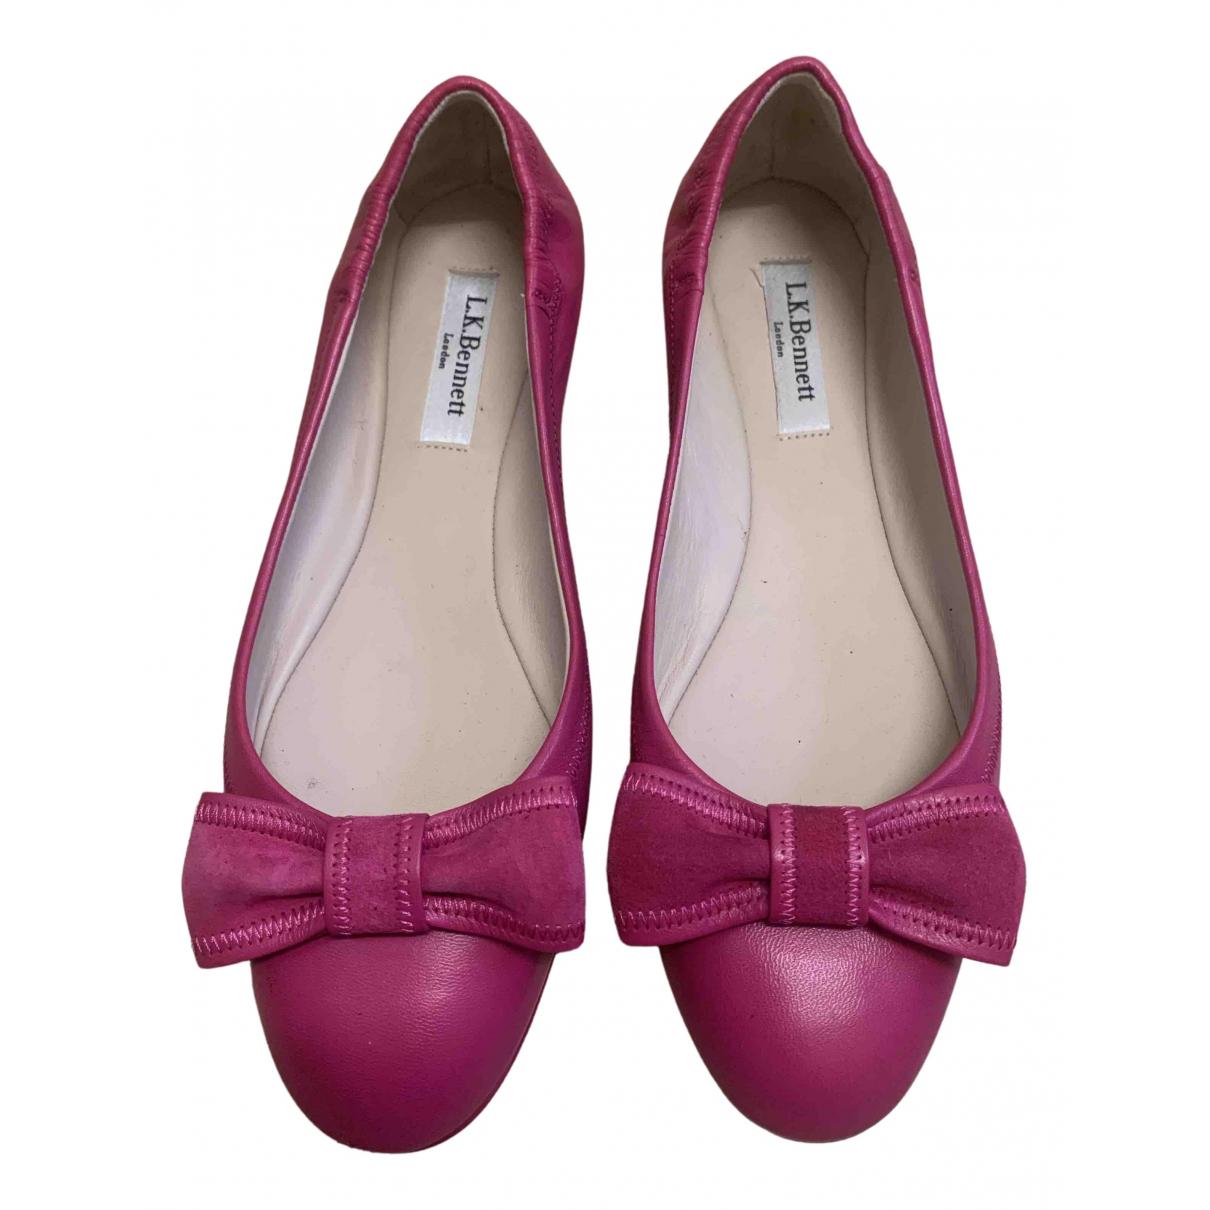 Lk Bennett N Pink Leather Flats for Women 37 EU